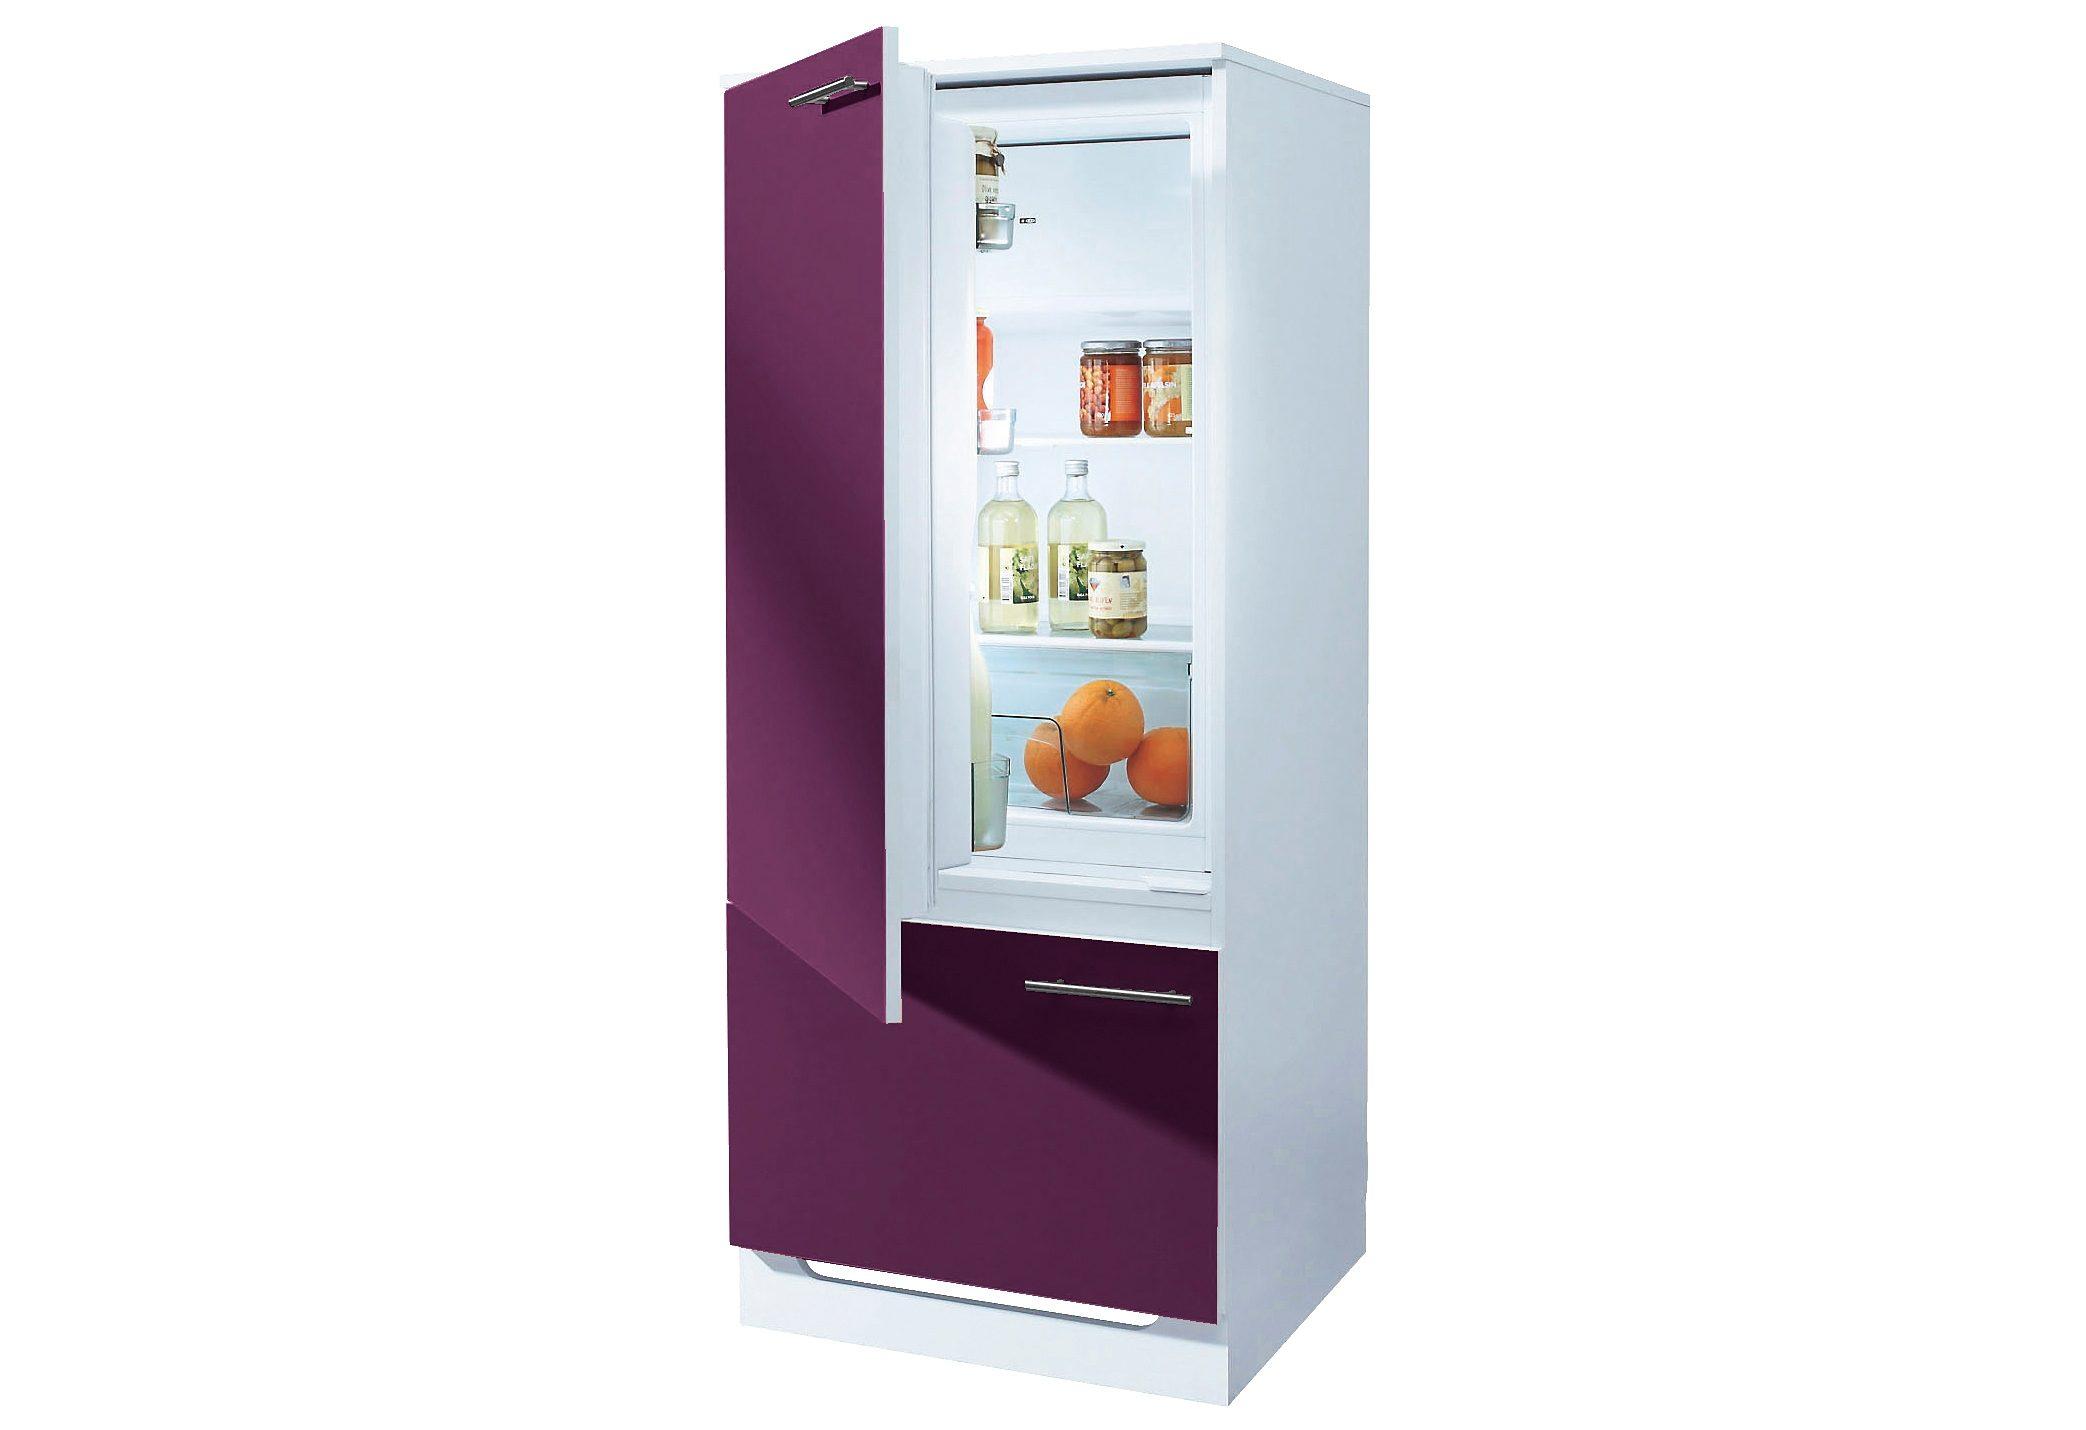 Amica Retro Kühlschrank Schwarz : Schwarz kühlschränke online kaufen möbel suchmaschine